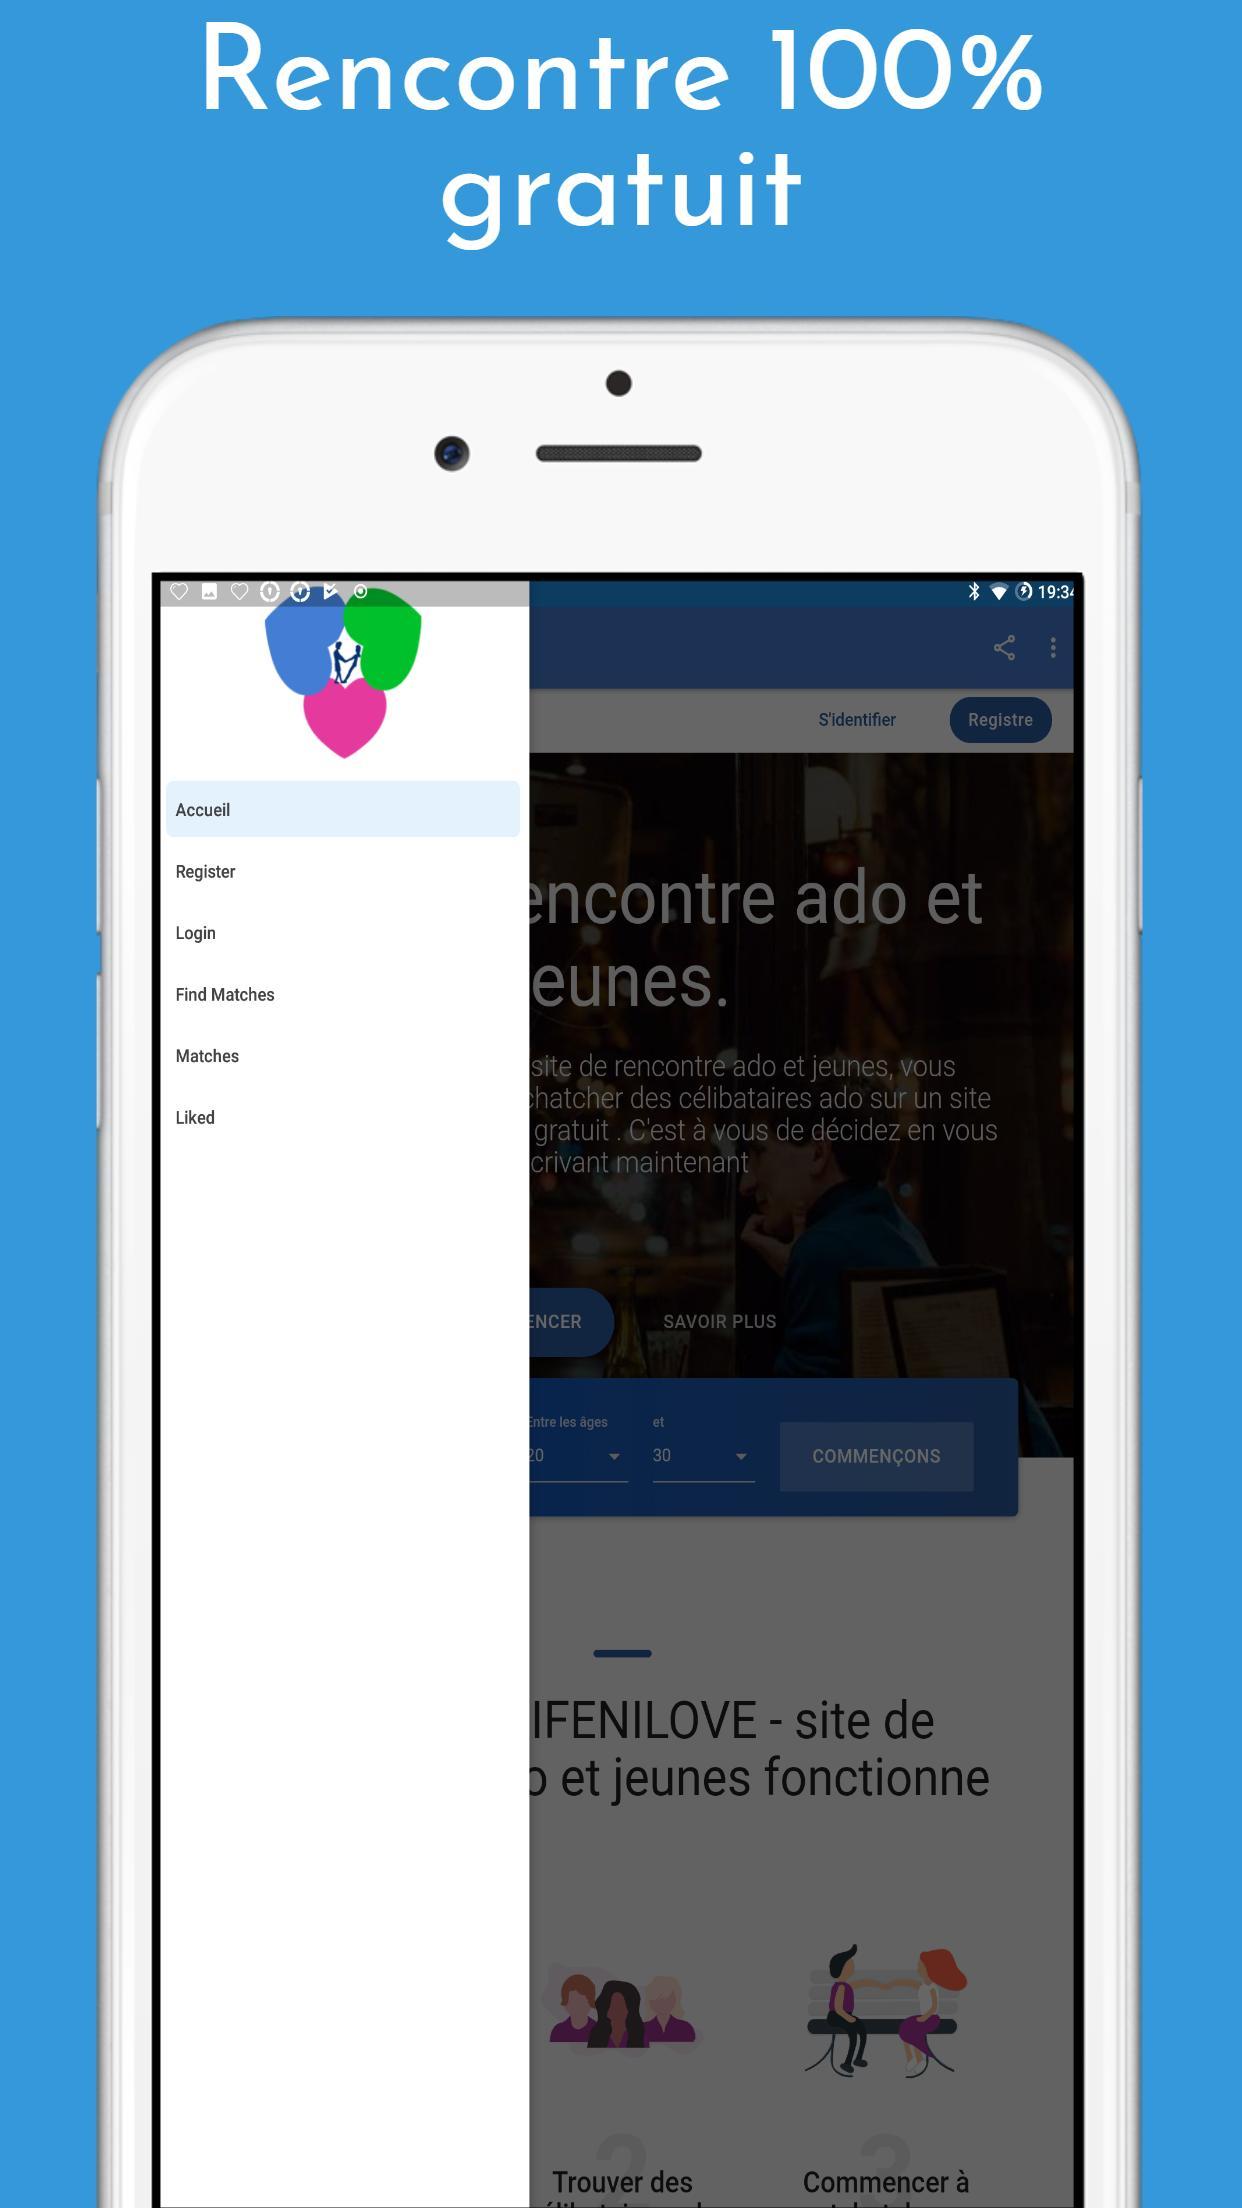 Rencontre Mobile - Site de rencontre gratuit Mobile